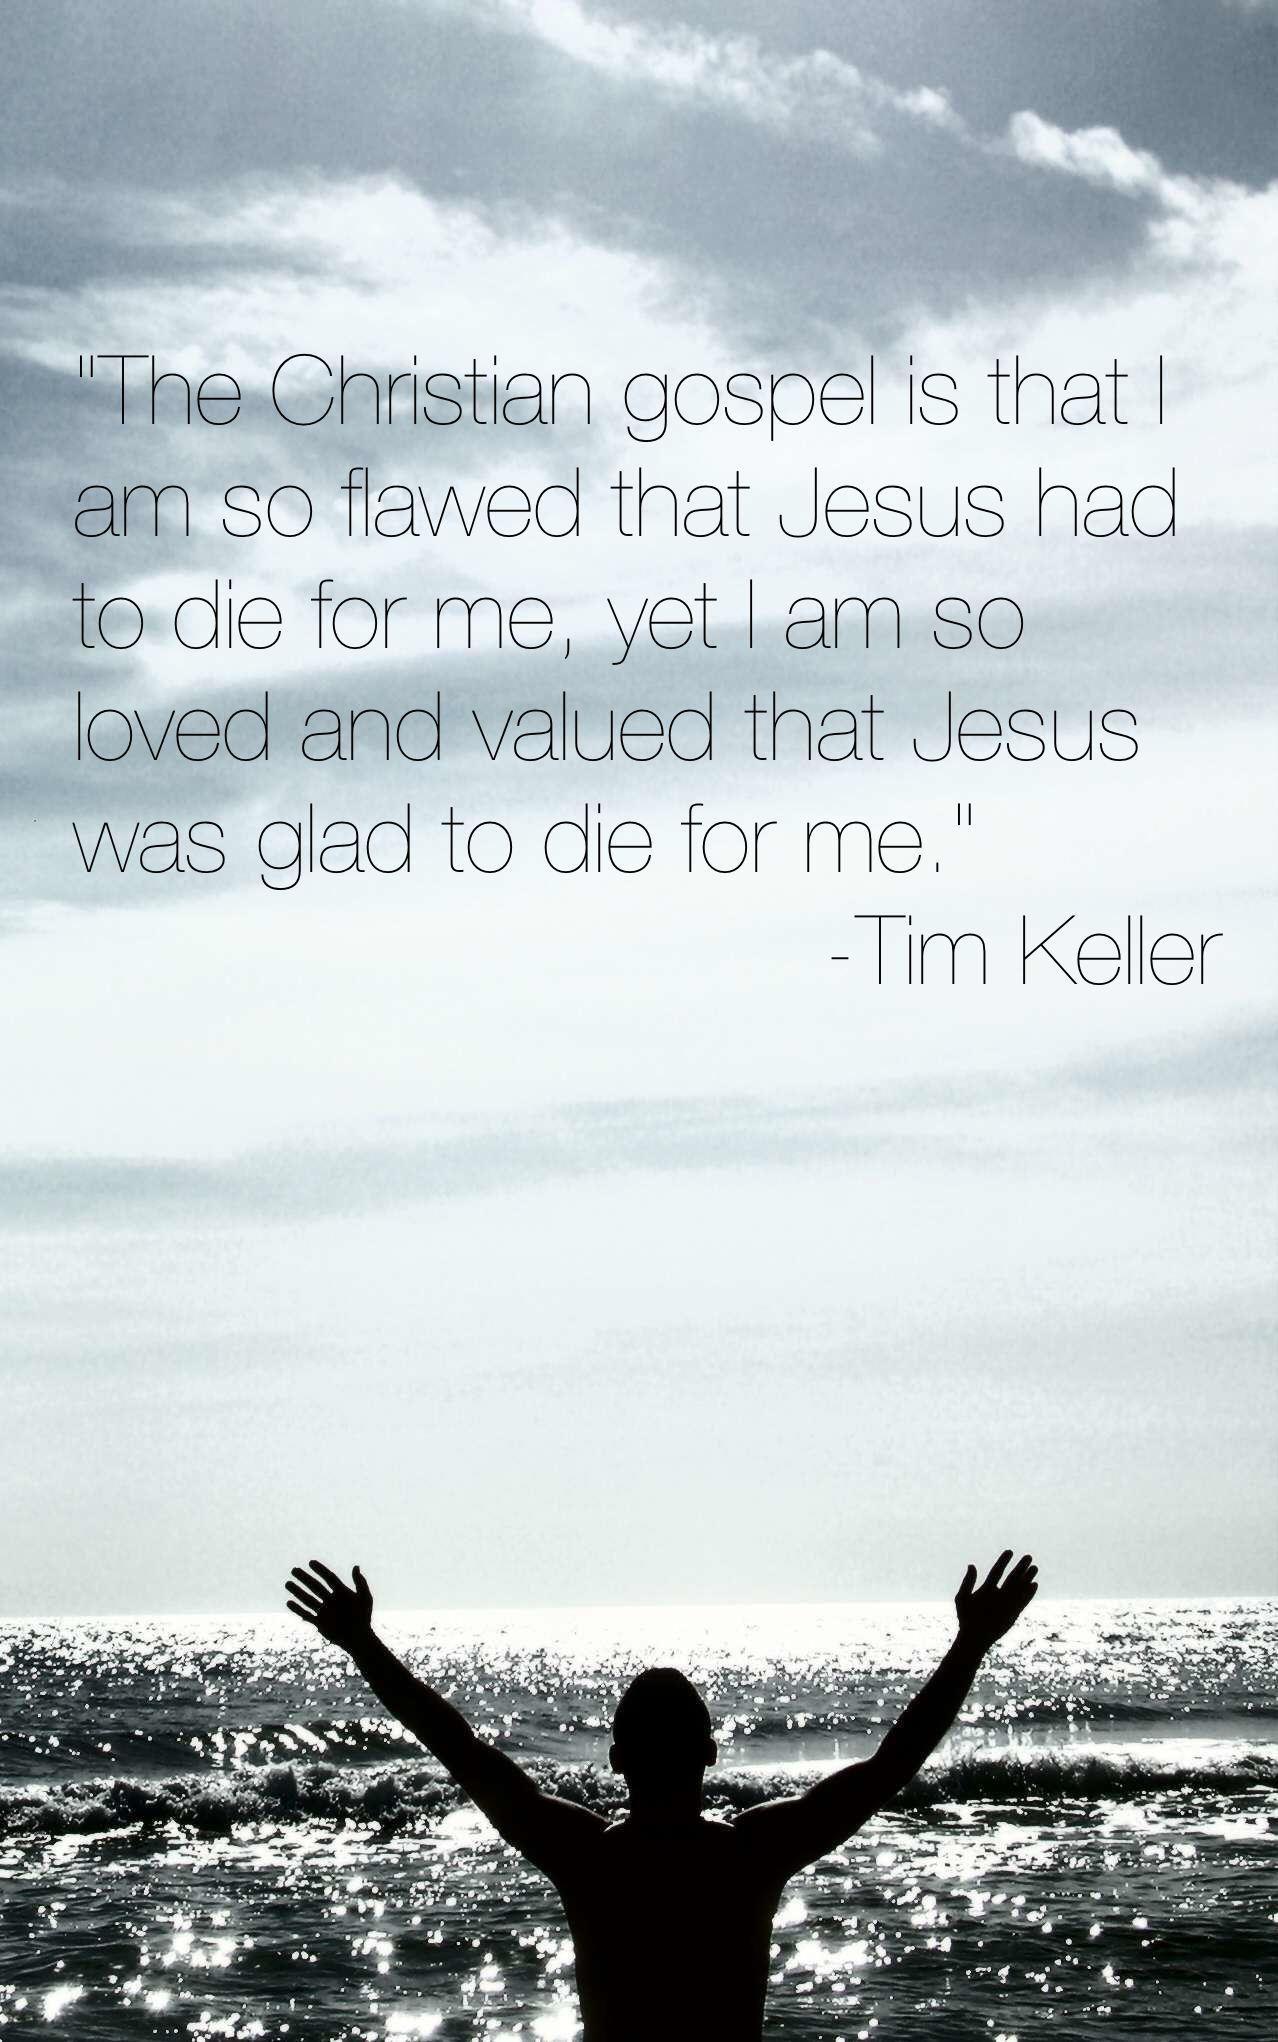 Tim Keller Quotes On Work: Tim Keller Jesus Quotes. QuotesGram